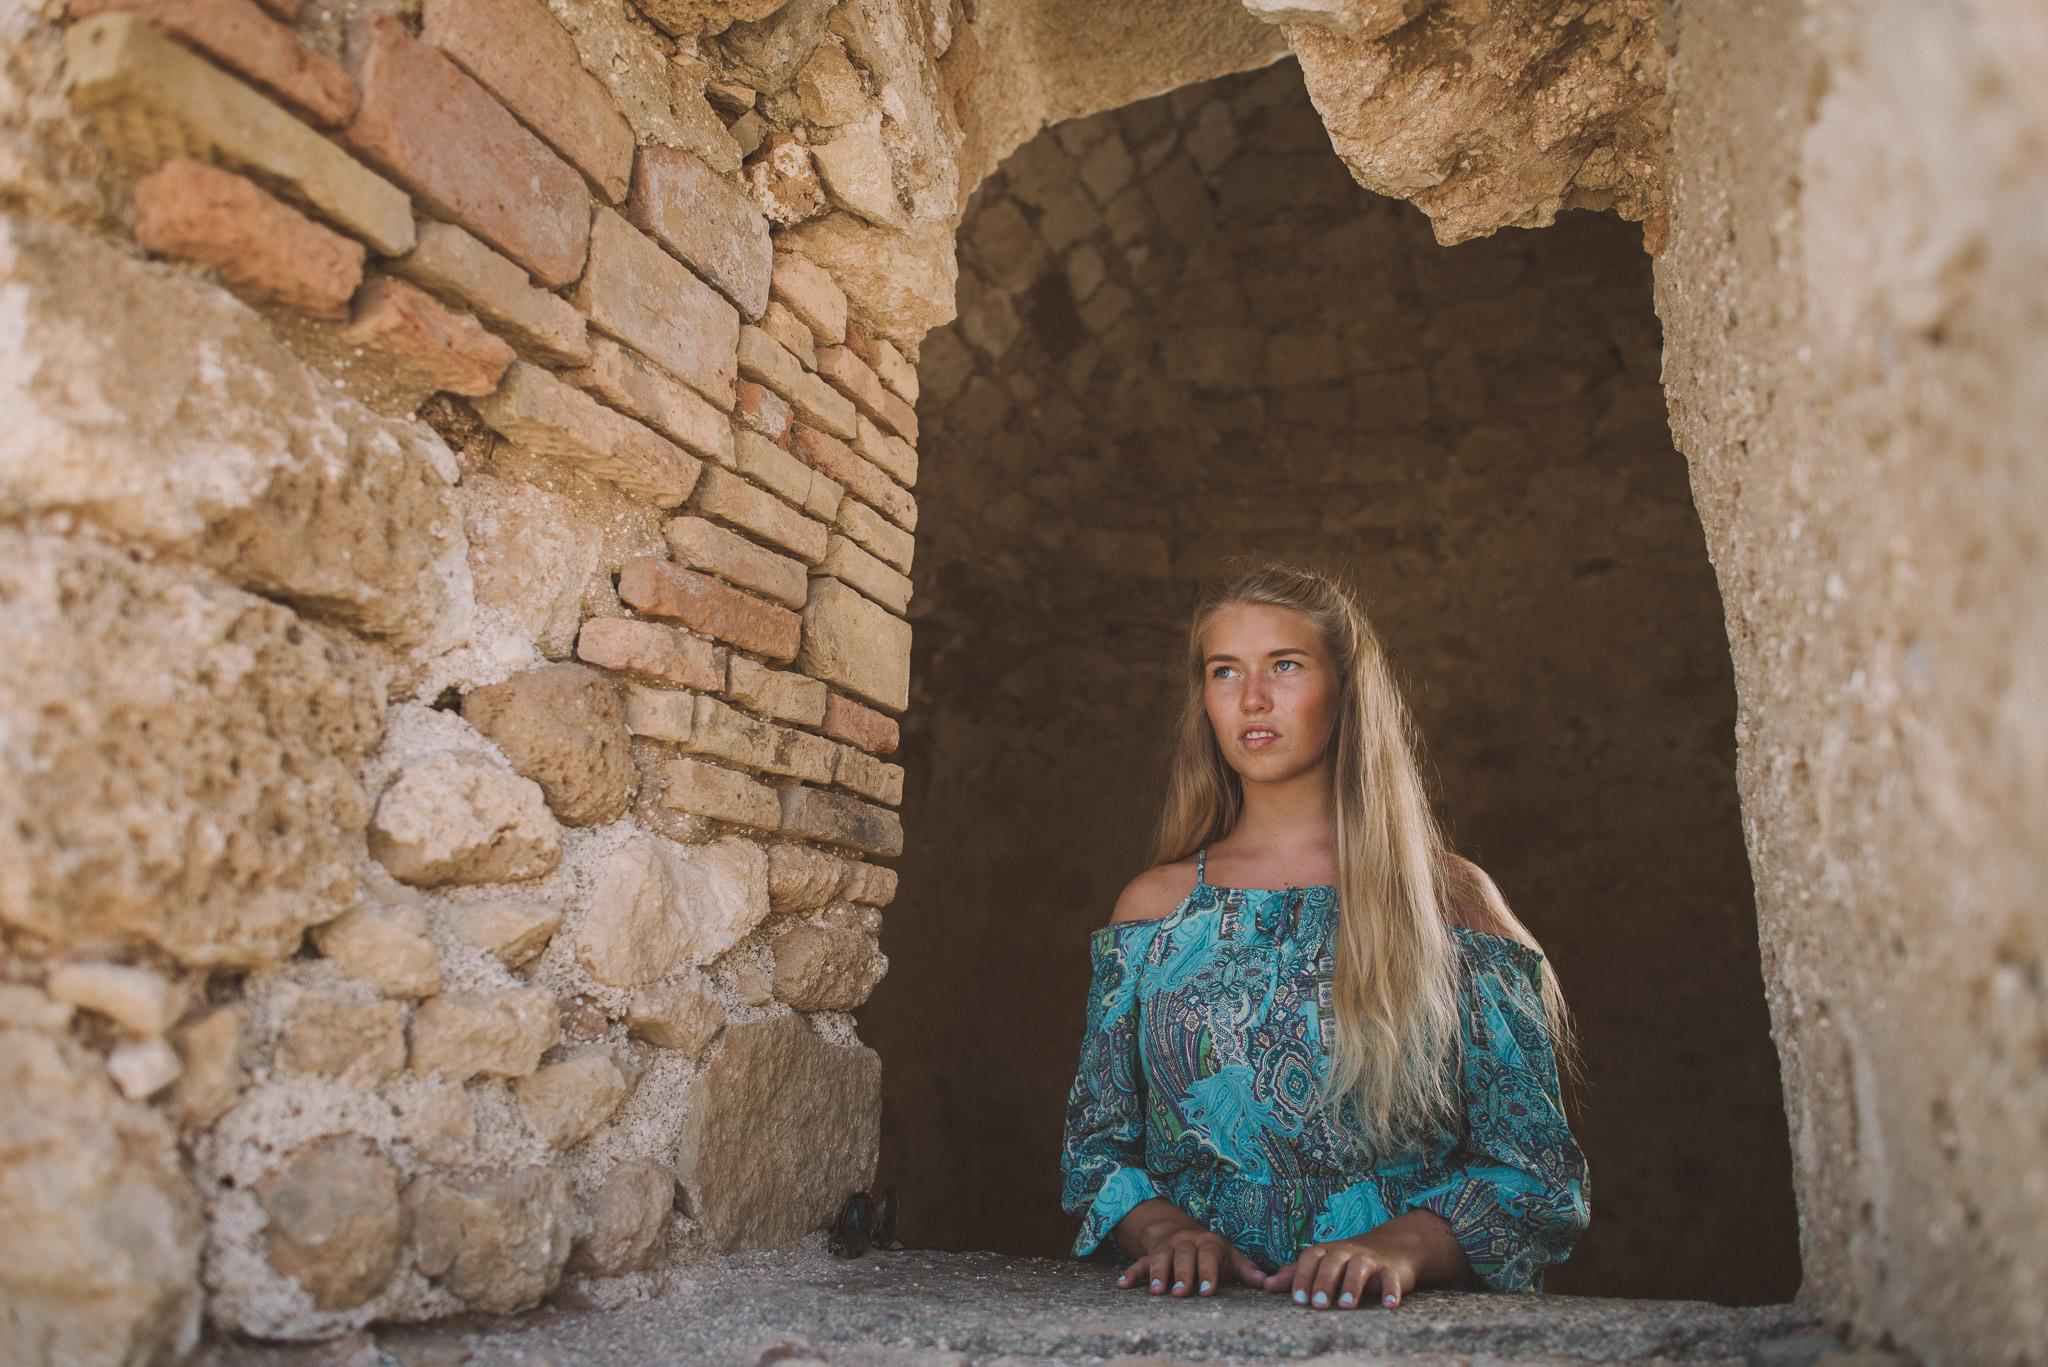 Woman portrait in Fortezza castle Rethymno Crete Greece